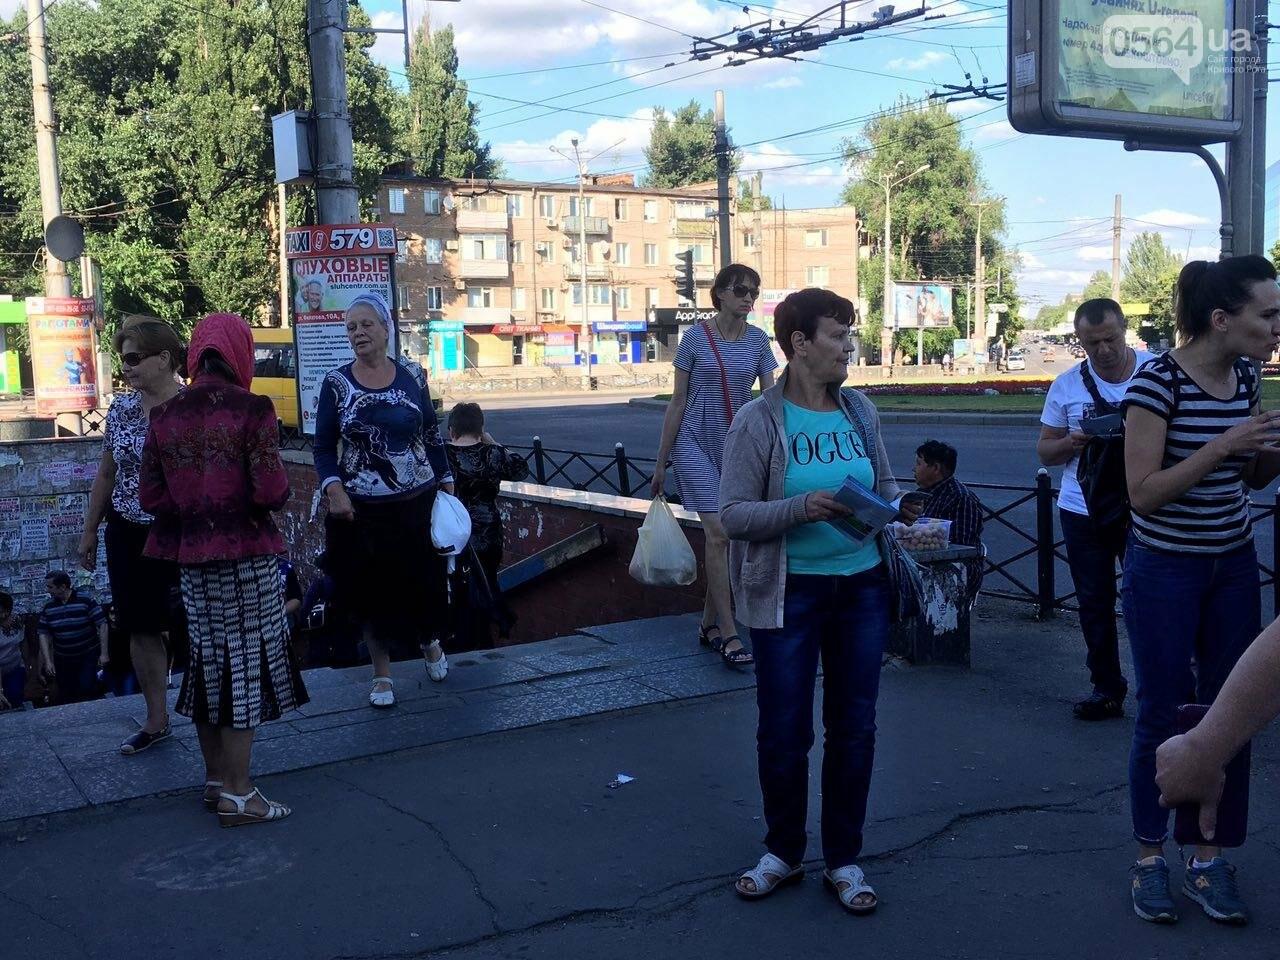 Криворожане собрались на Марш за традиционные семейные ценности, - ФОТО, ПРЯМОЙ ЭФИР, фото-35